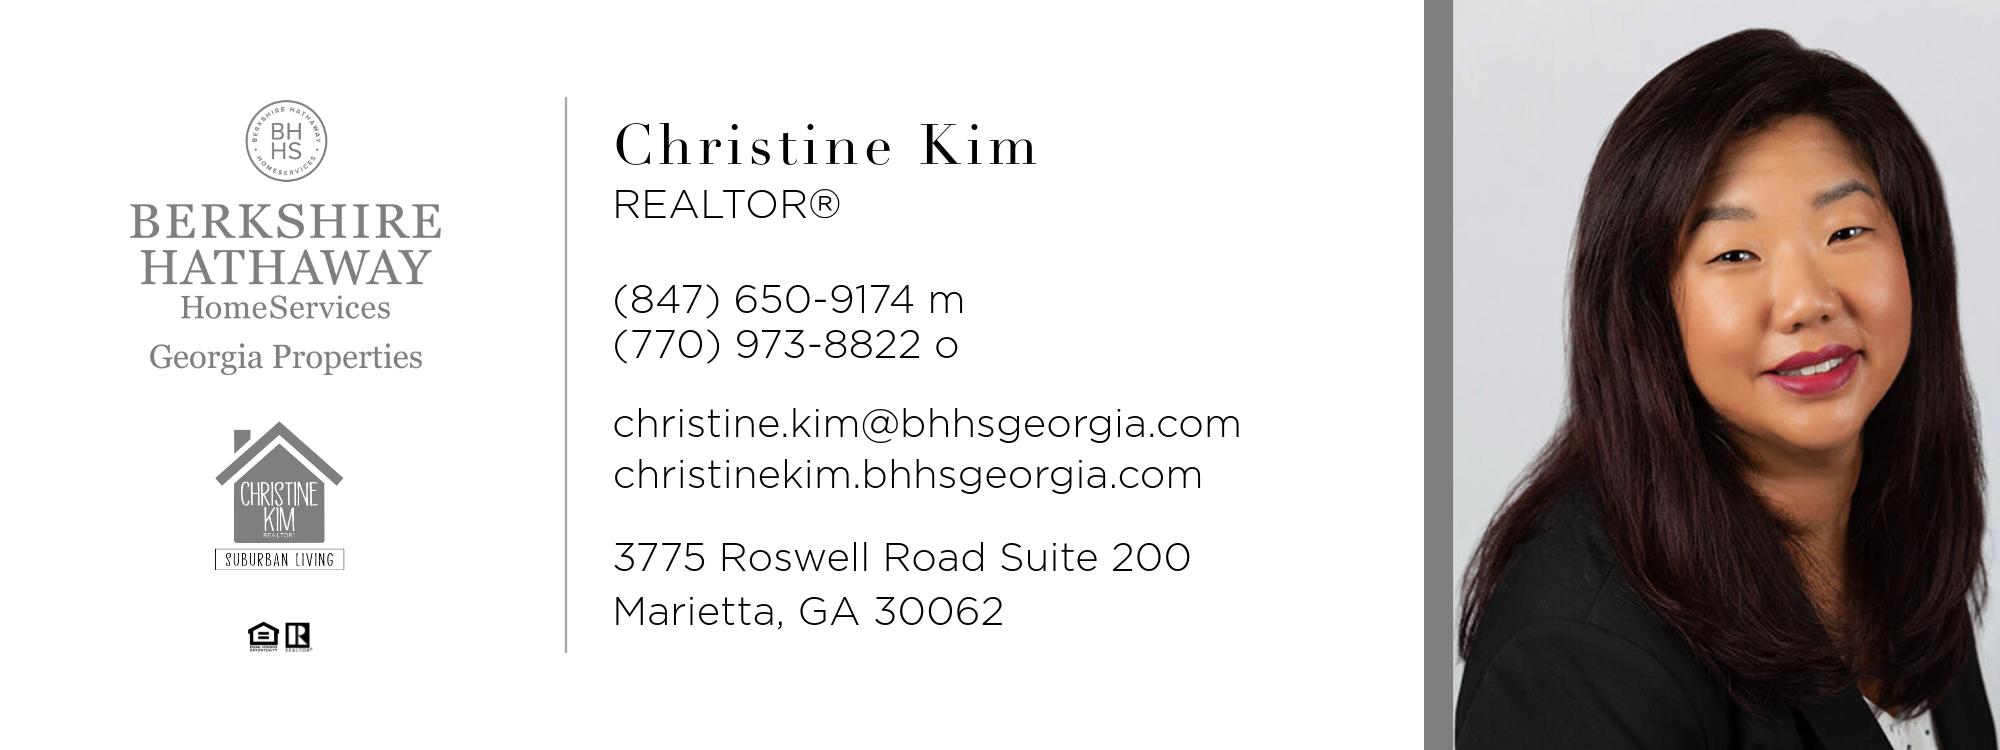 Christine Kim -Realtor